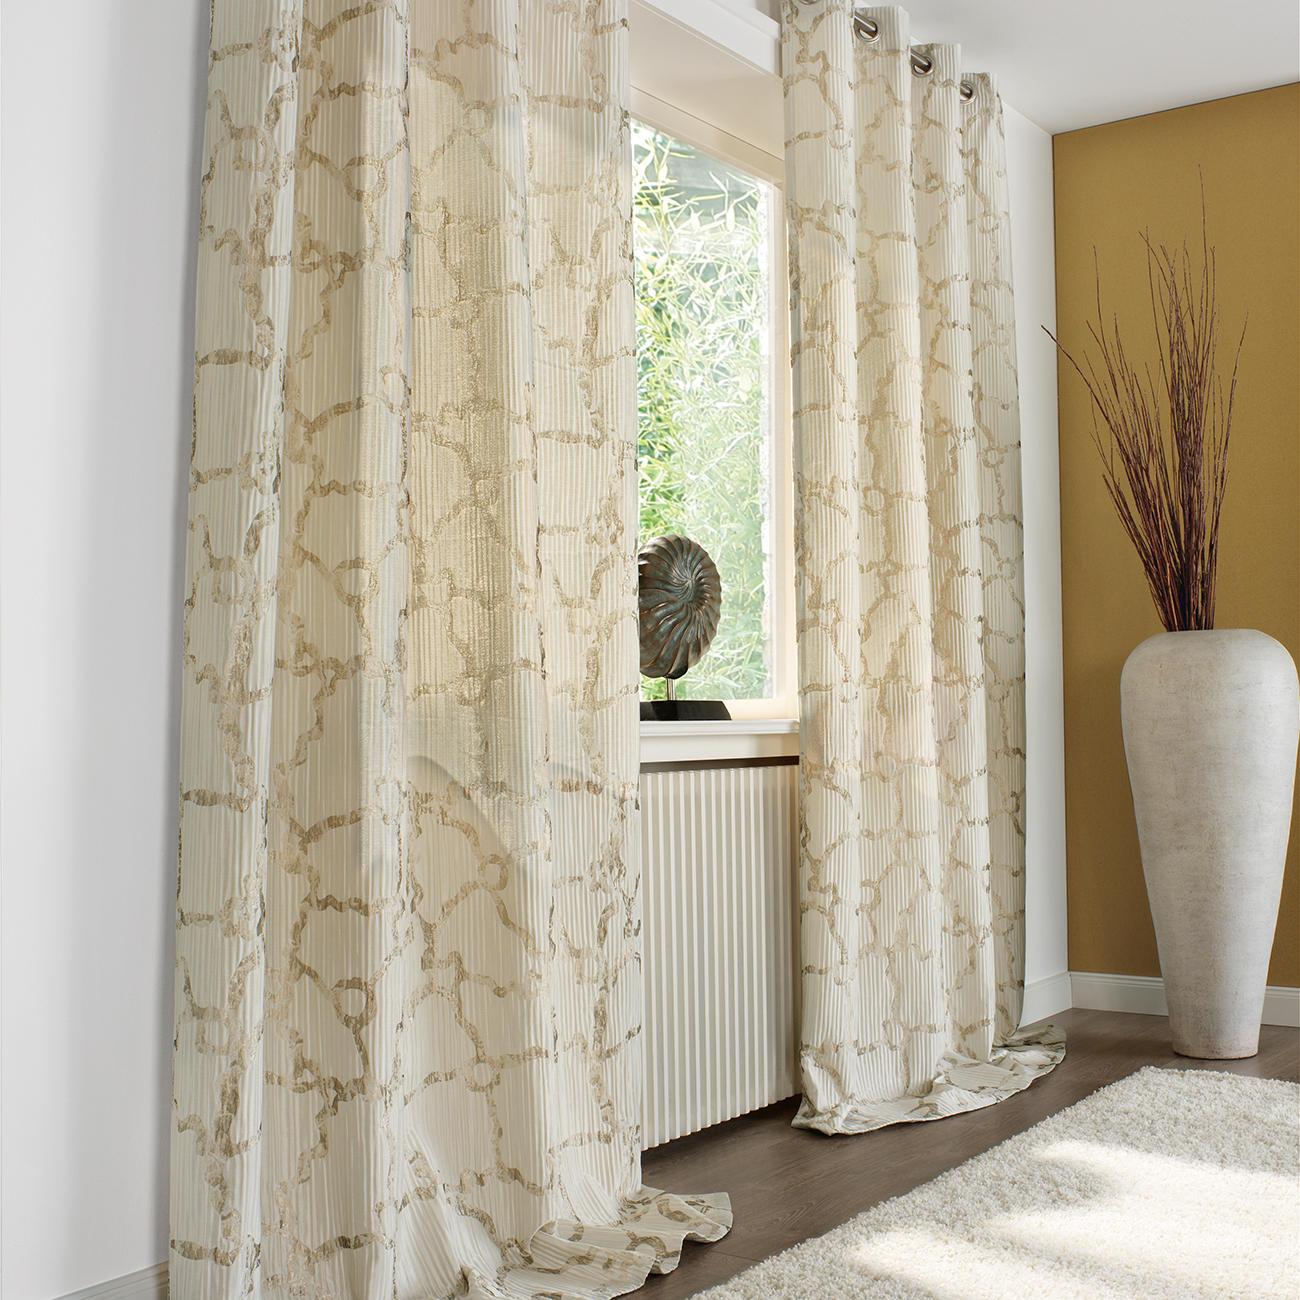 einzigartig fensterfolie sichtschutz ikea einzigartige ideen zum sichtschutz. Black Bedroom Furniture Sets. Home Design Ideas